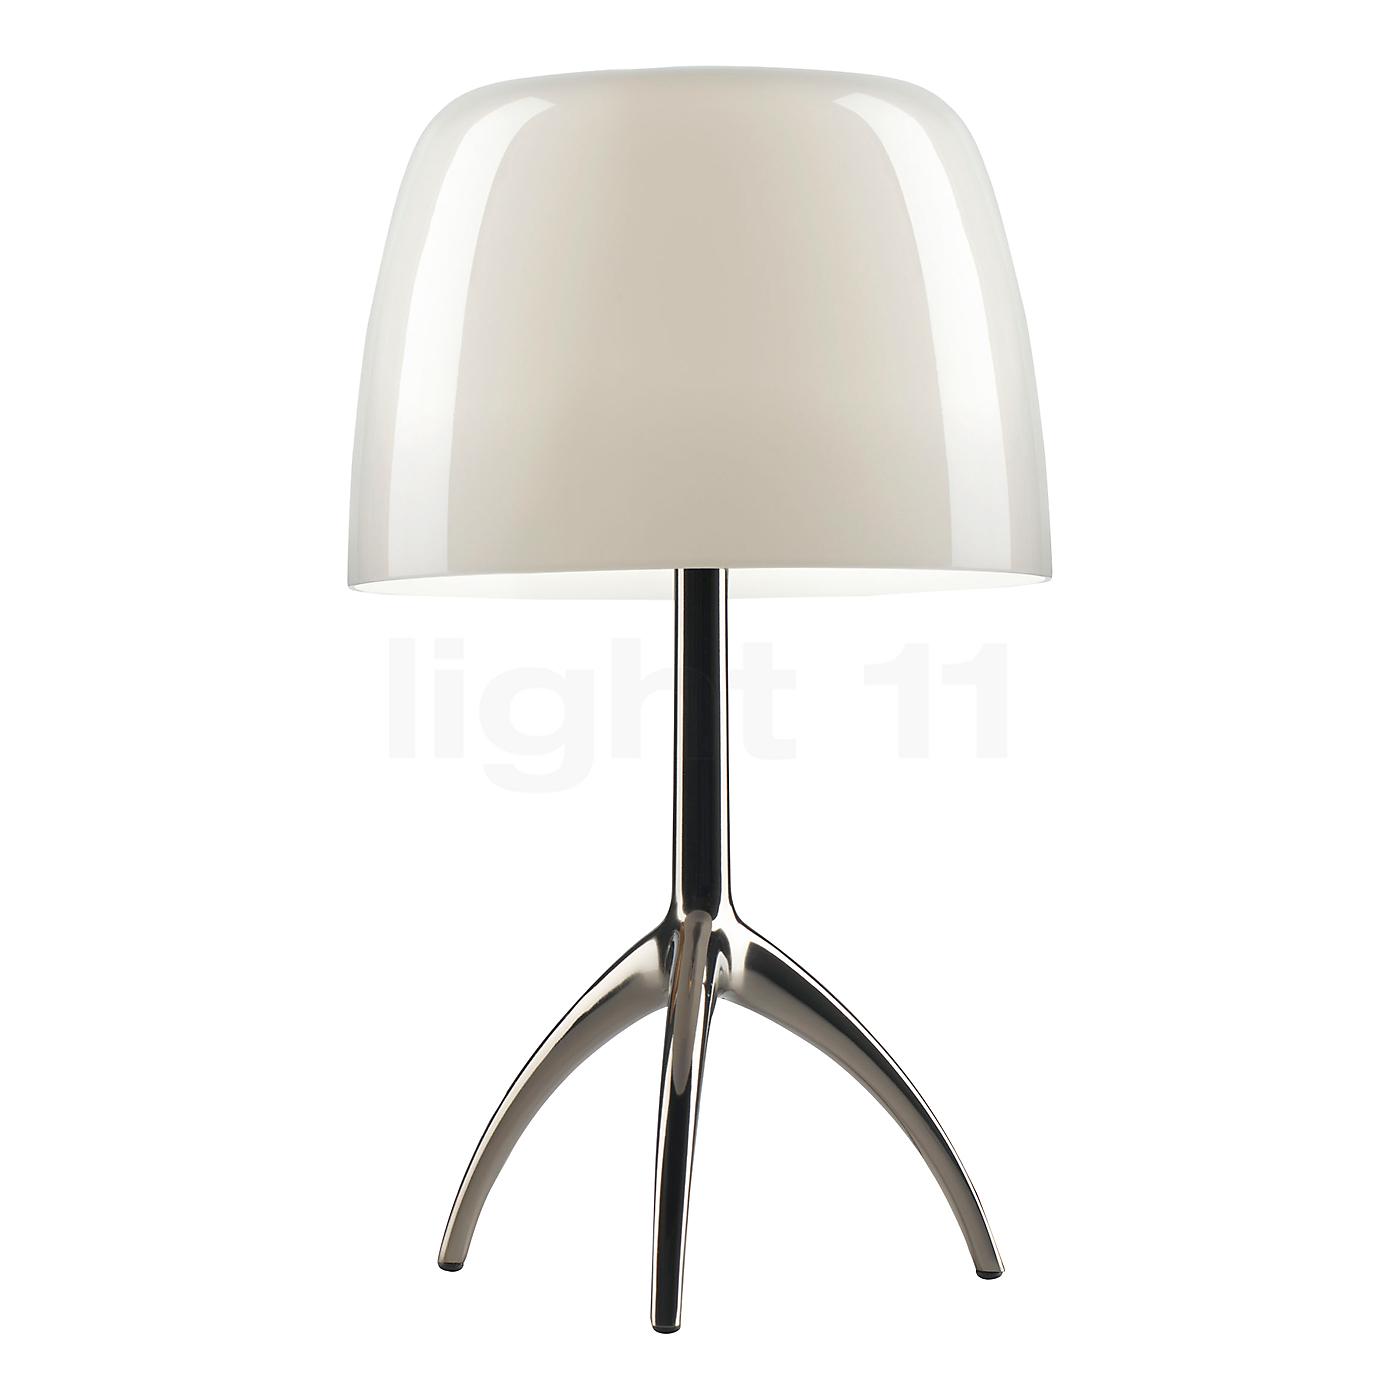 foscarini lumiere tavolo piccola g9 mit schalter tischleuchte kaufen bei. Black Bedroom Furniture Sets. Home Design Ideas